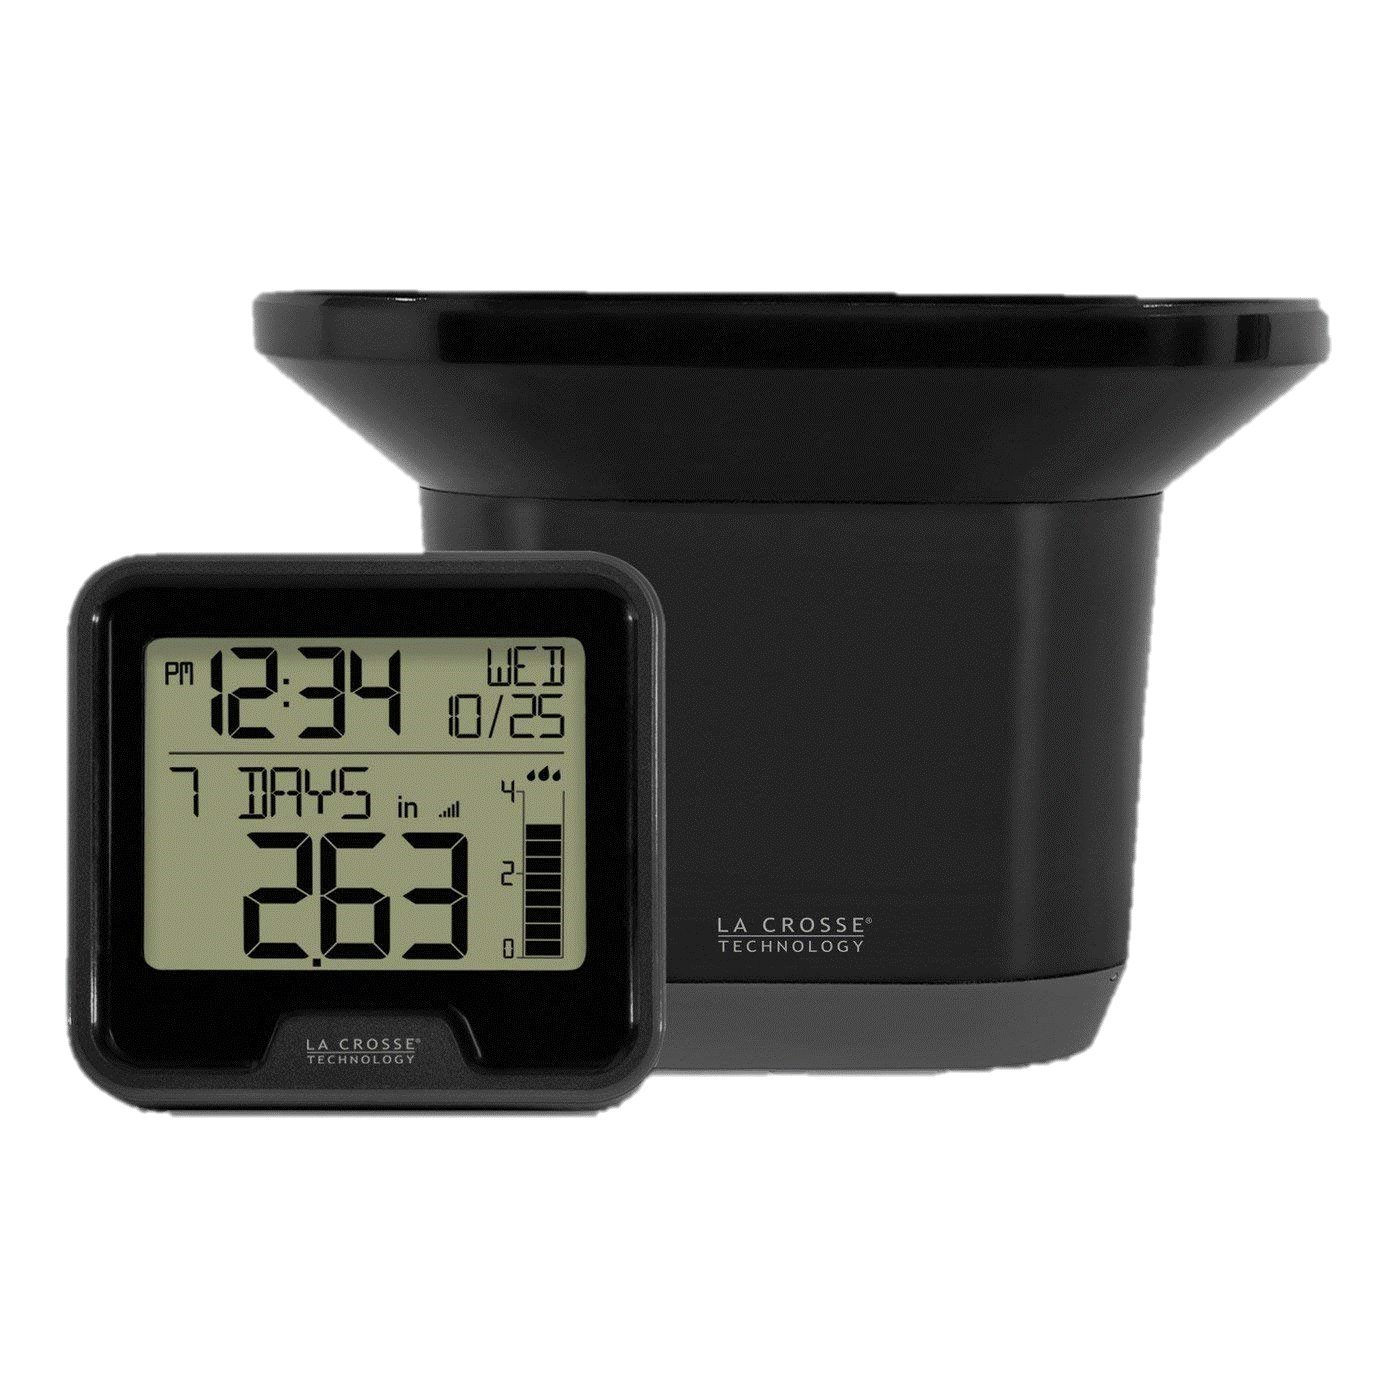 La Crosse Technology 3.54'' Digital Wireless Rain Gauge with Indoor Temperature - Black